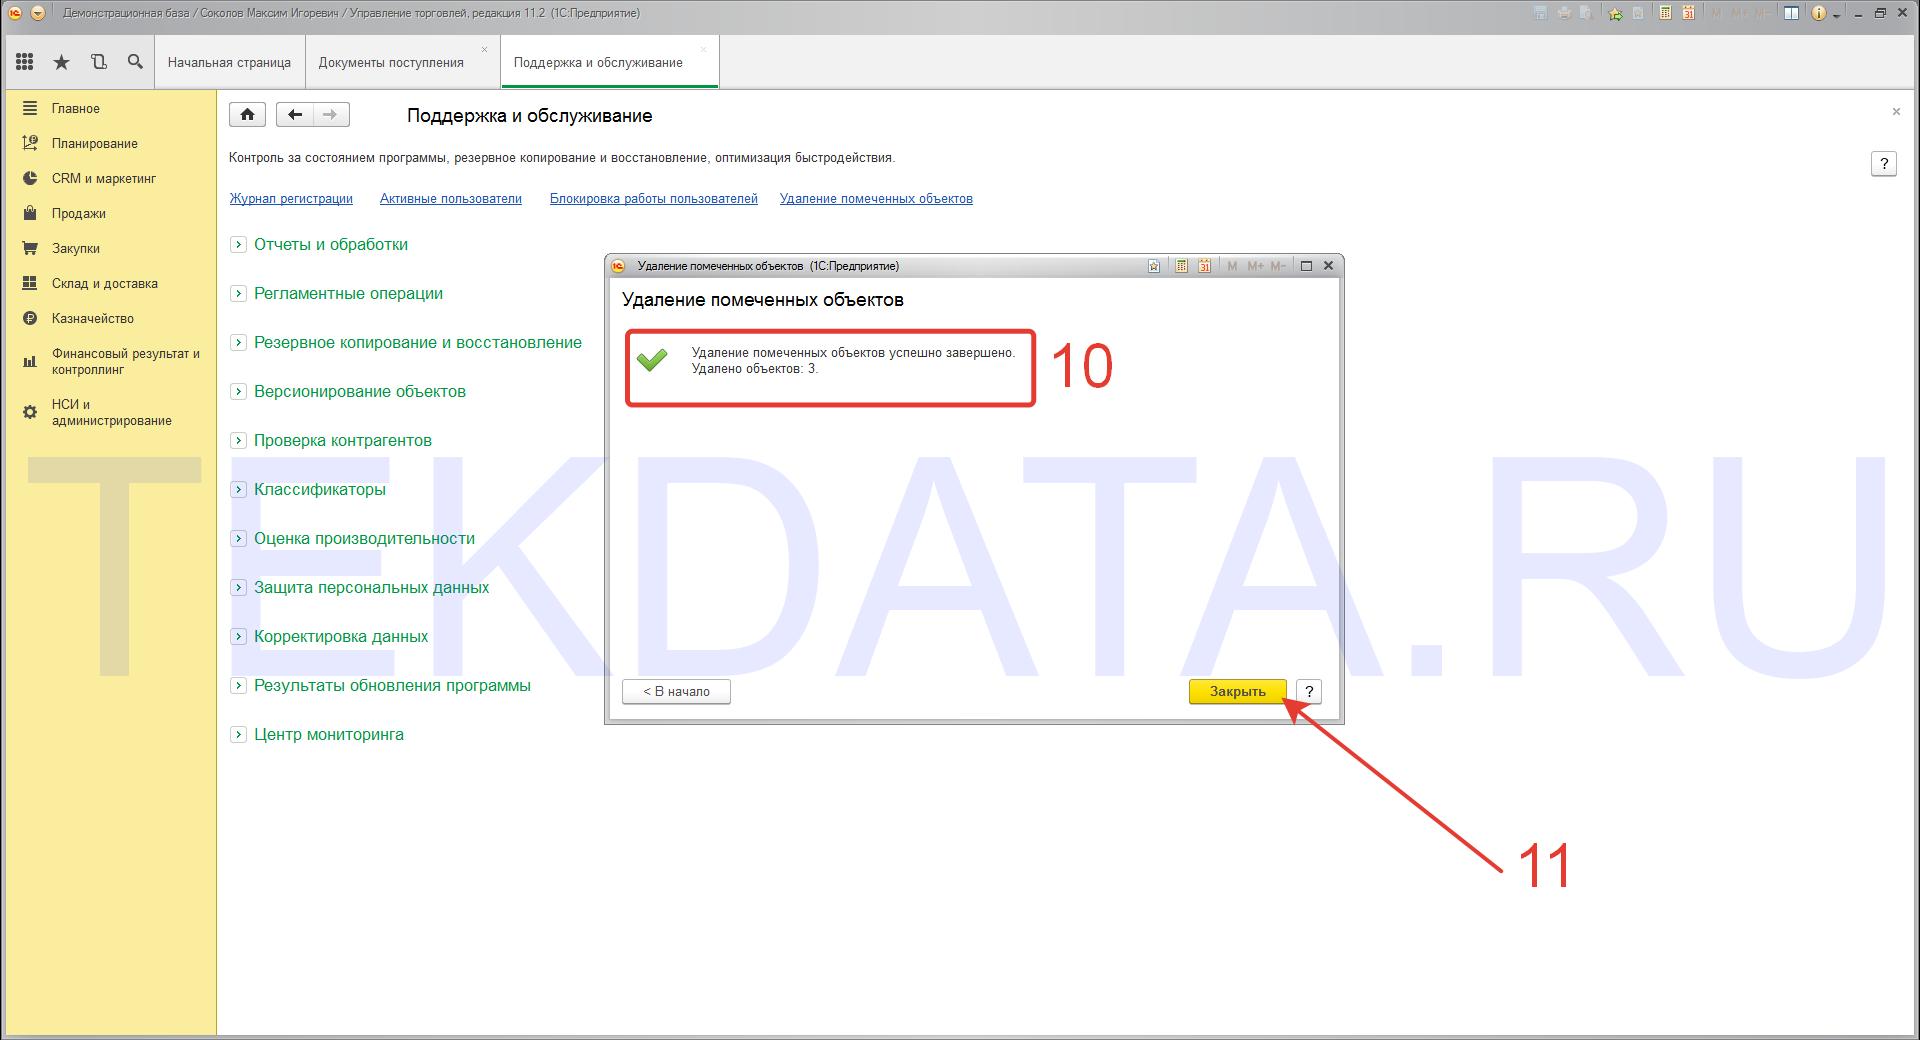 Как сделать удаление помеченных объектов в 1С 8.3 и 1С 8.2   tekdata.ru